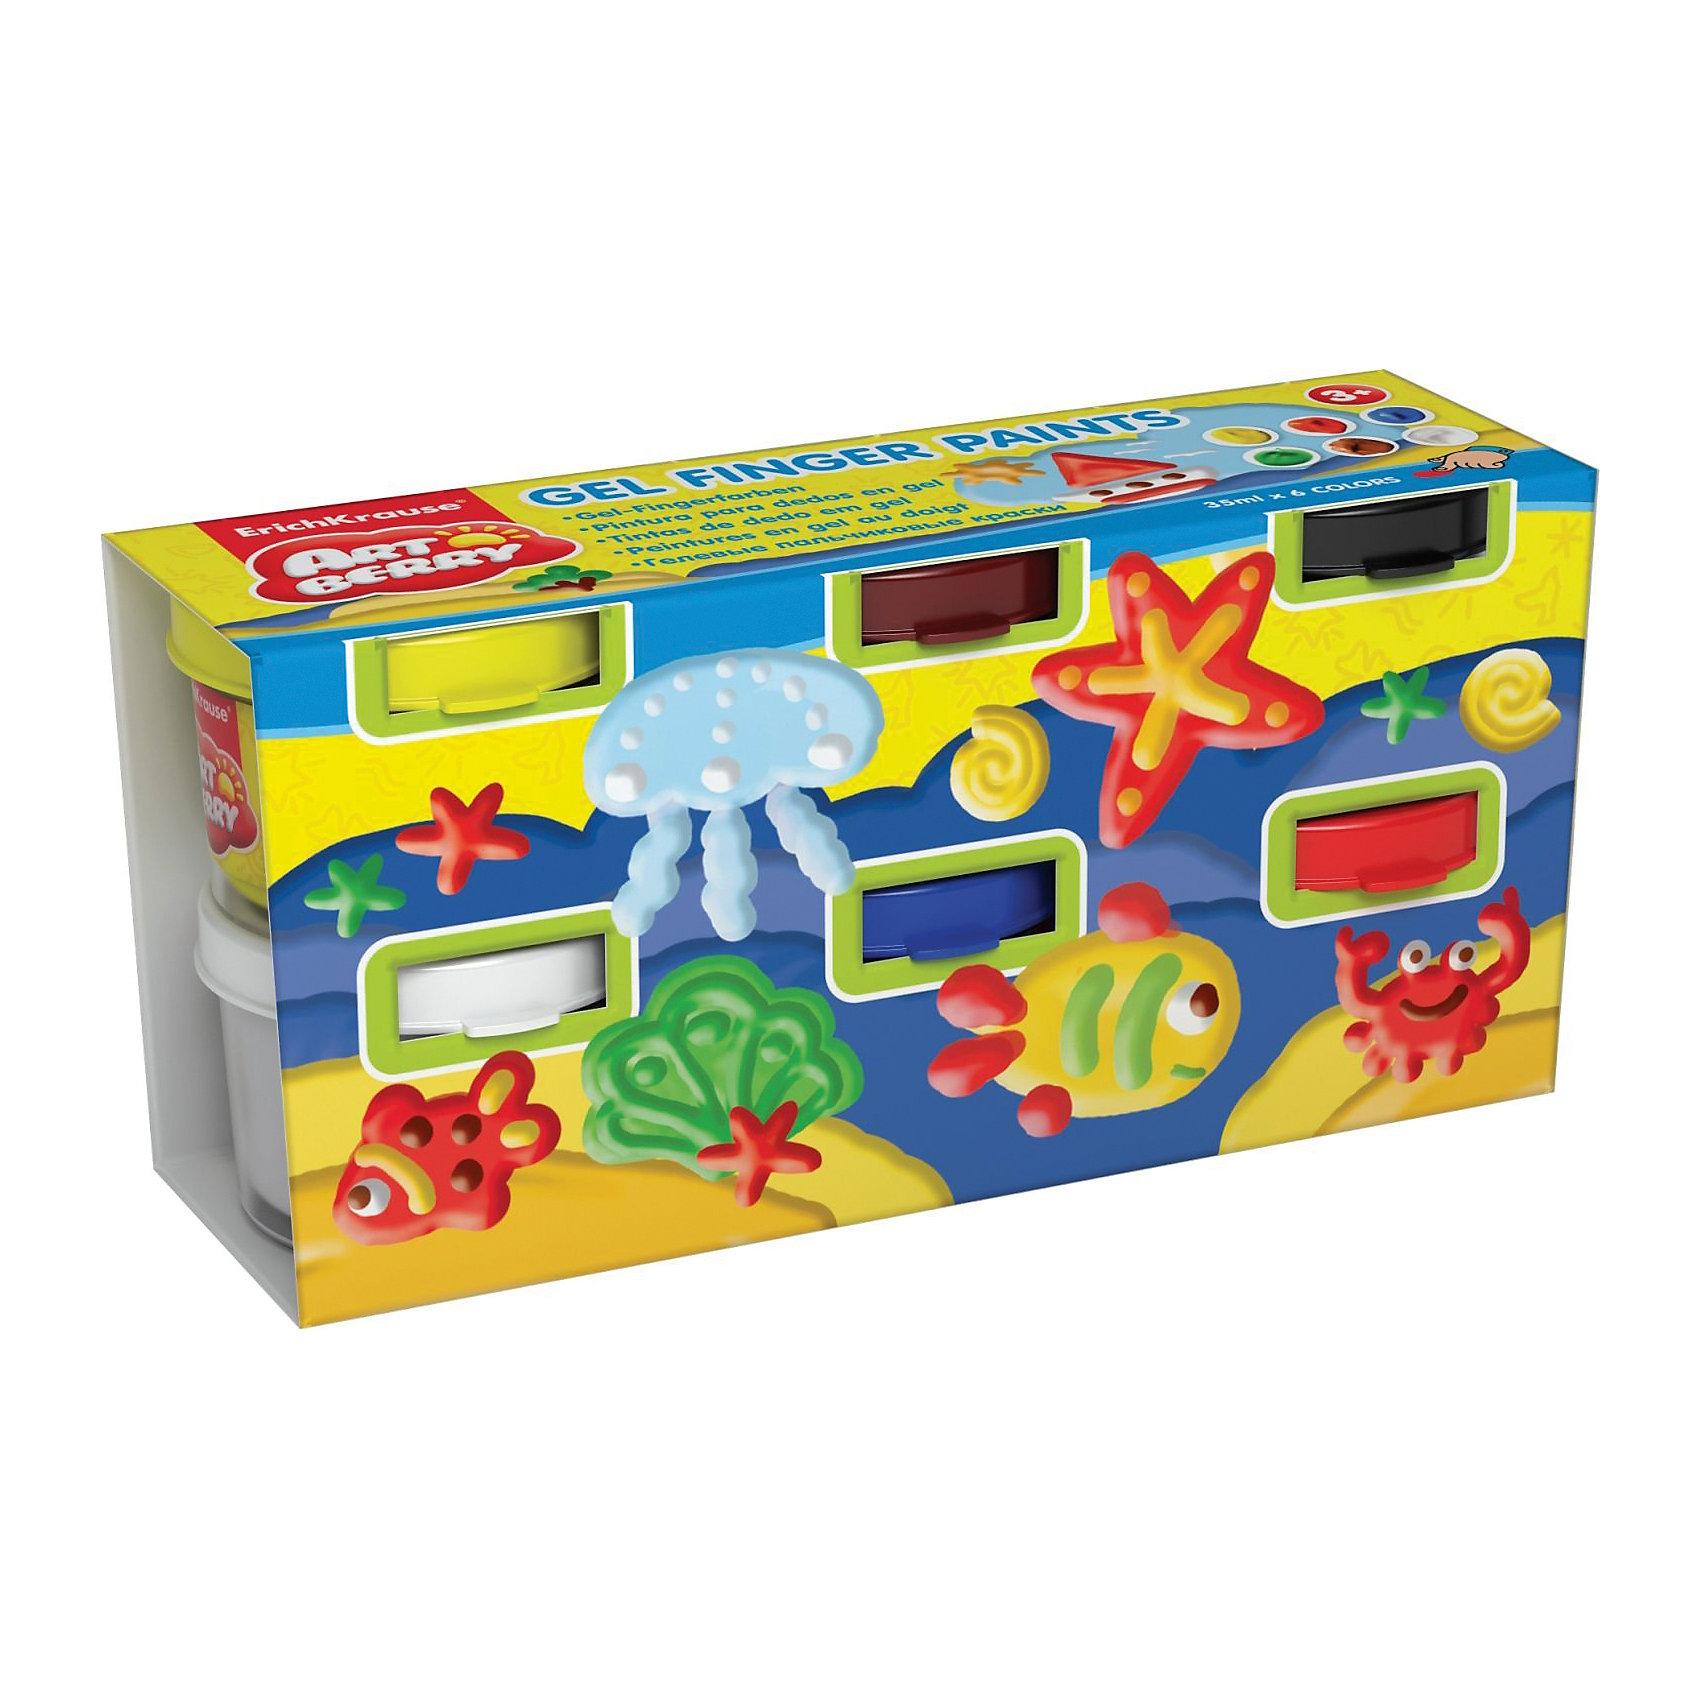 Пальчиковые краски (6 цветов по 35 мл), ArtberryПальчиковые краски (6 цветов по 35 мл), Artberry (Артберри) – лучшее средство для первого знакомства малыша с рисованием. Достаточно открыть банку и можно рисовать пальчиками, ладонями или даже ступнями ног. <br>В процессе рисования пальчиковыми красками ребенок научится различать и смешивать цвета, разовьет мелкую моторику и чувство осязания. Краски абсолютно безопасны для здоровья малыша, т.к. содержат в основе кукурузный крахмал, а в окраске – простые пищевые красители. Можно не волноваться, если ребенок в процессе рисования потянет пальчики в рот, в составе красок присутствует специальная добавка горького вкуса.<br><br>Характеристики:<br>-Краски на водной основе без труда отстирываются и смываются с рук, любых тканей и поверхностей <br>-Пальчиковые краски развивают мелкую моторику, цветовосприятие, фантазию и координацию движений<br>-Безопасные краски на водной основе имеют в составе пищевые красители, не содержат вредные компоненты<br>-Плотная гелевая структура краски не позволяет ей растекаться, если баночка случайно упадет<br>-Яркие сочные цвета<br><br>Комплектация: 6 баночек разноцветных красок по 35 мл<br><br>Дополнительная информация:<br>-Вес в упаковке: 357 г<br>-Размеры в упаковке: 148х43х72 мм<br>-Материалы: пластик, пищевые красители, крахмал<br><br>Набор пальчиковых красок станет отличным подарком, который будет способствовать раннему развитию творческих способностей Вашего малыша!<br><br>Пальчиковые краски (6 цветов по 35 мл), Artberry (Артберри) можно купить в нашем магазине.<br><br>Ширина мм: 148<br>Глубина мм: 43<br>Высота мм: 72<br>Вес г: 357<br>Возраст от месяцев: 36<br>Возраст до месяцев: 48<br>Пол: Унисекс<br>Возраст: Детский<br>SKU: 4058304